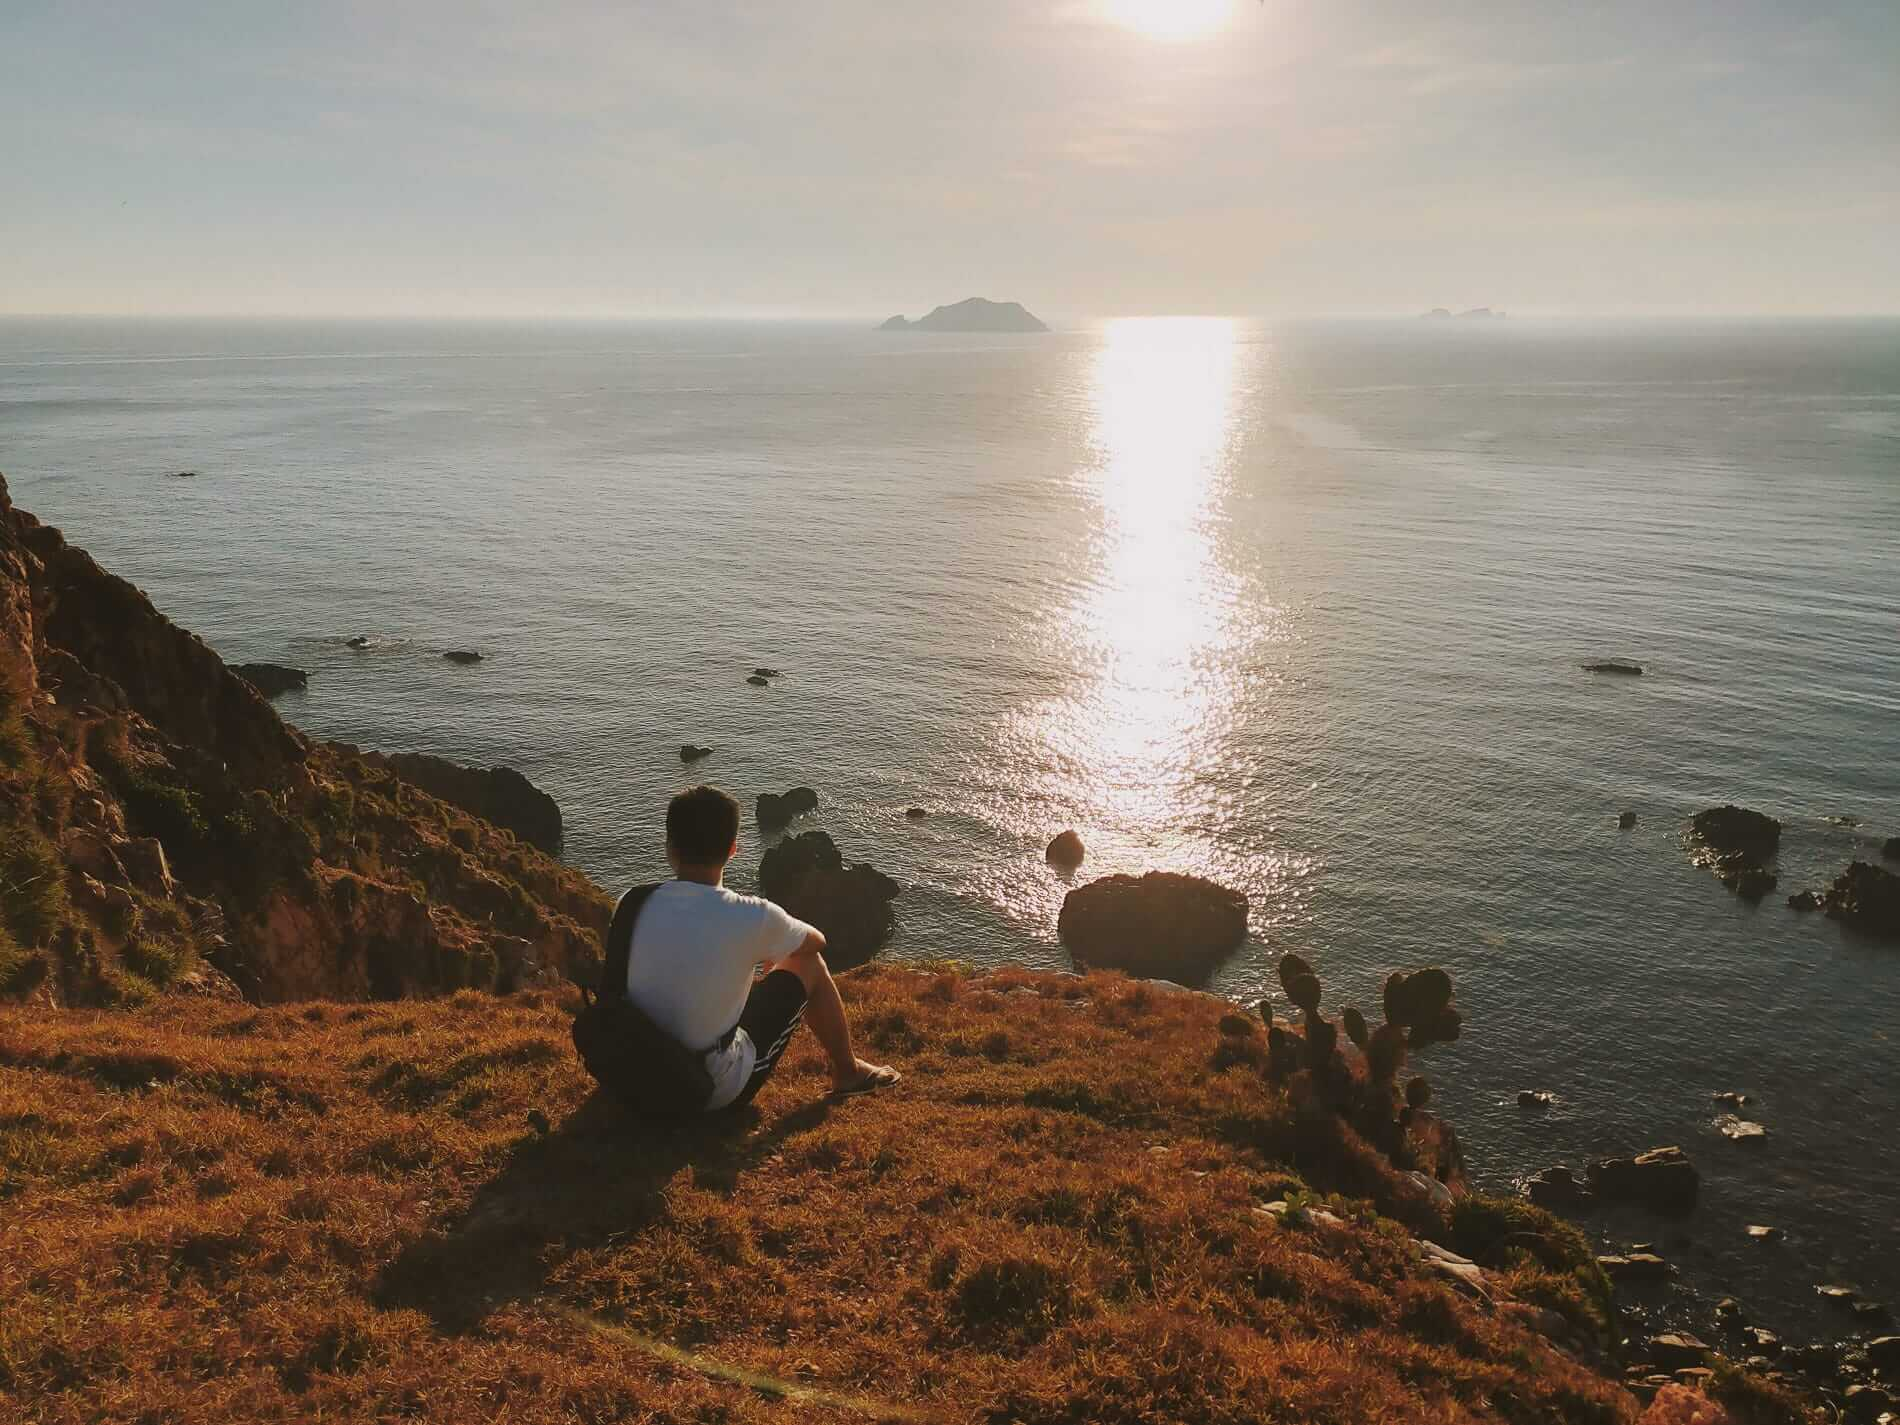 Hiking Quy Nhon's cliffs - Hoi An to Quy Nhon